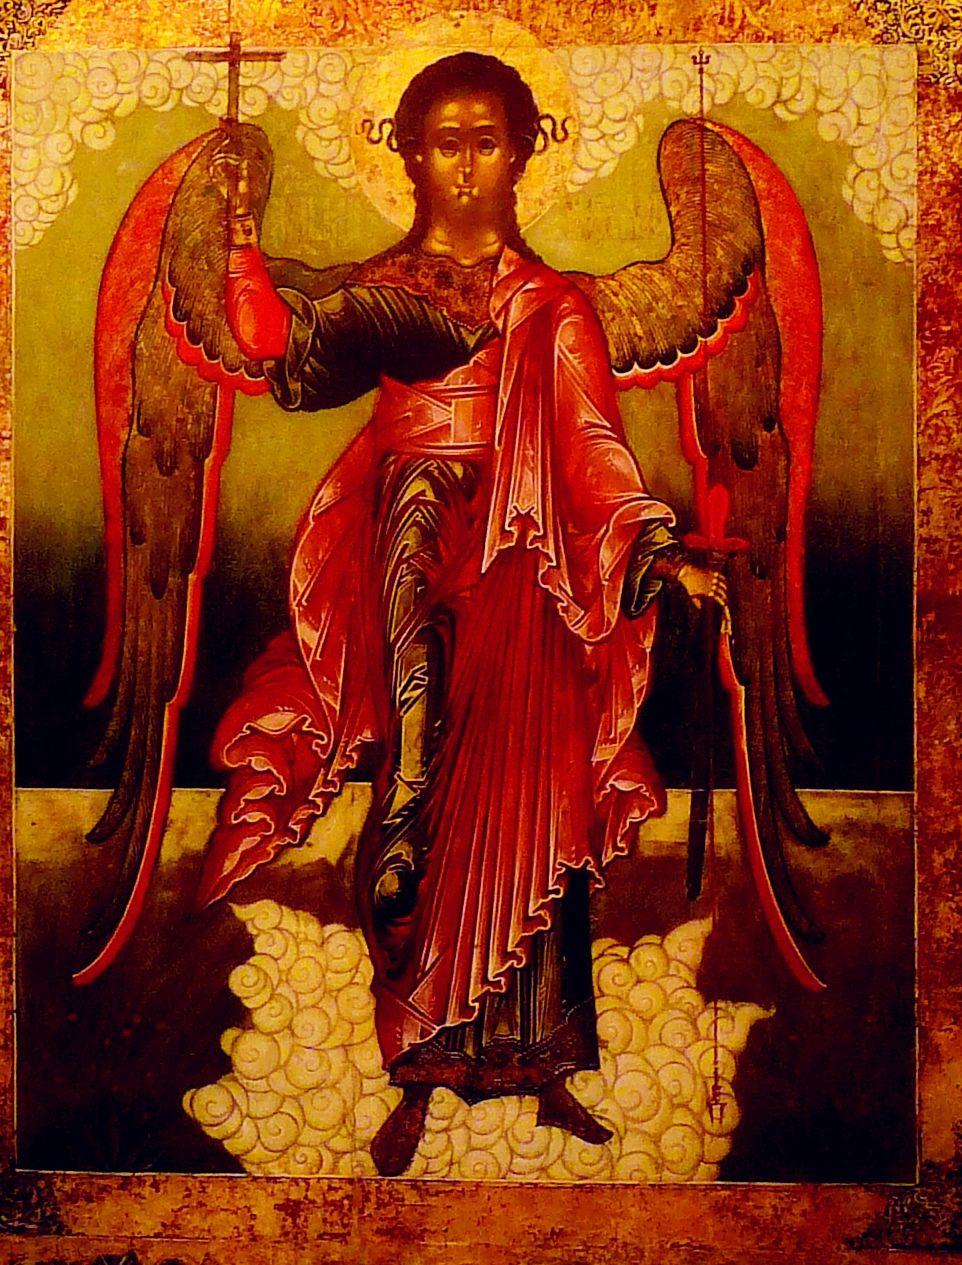 Картинка на мече архангела михаила